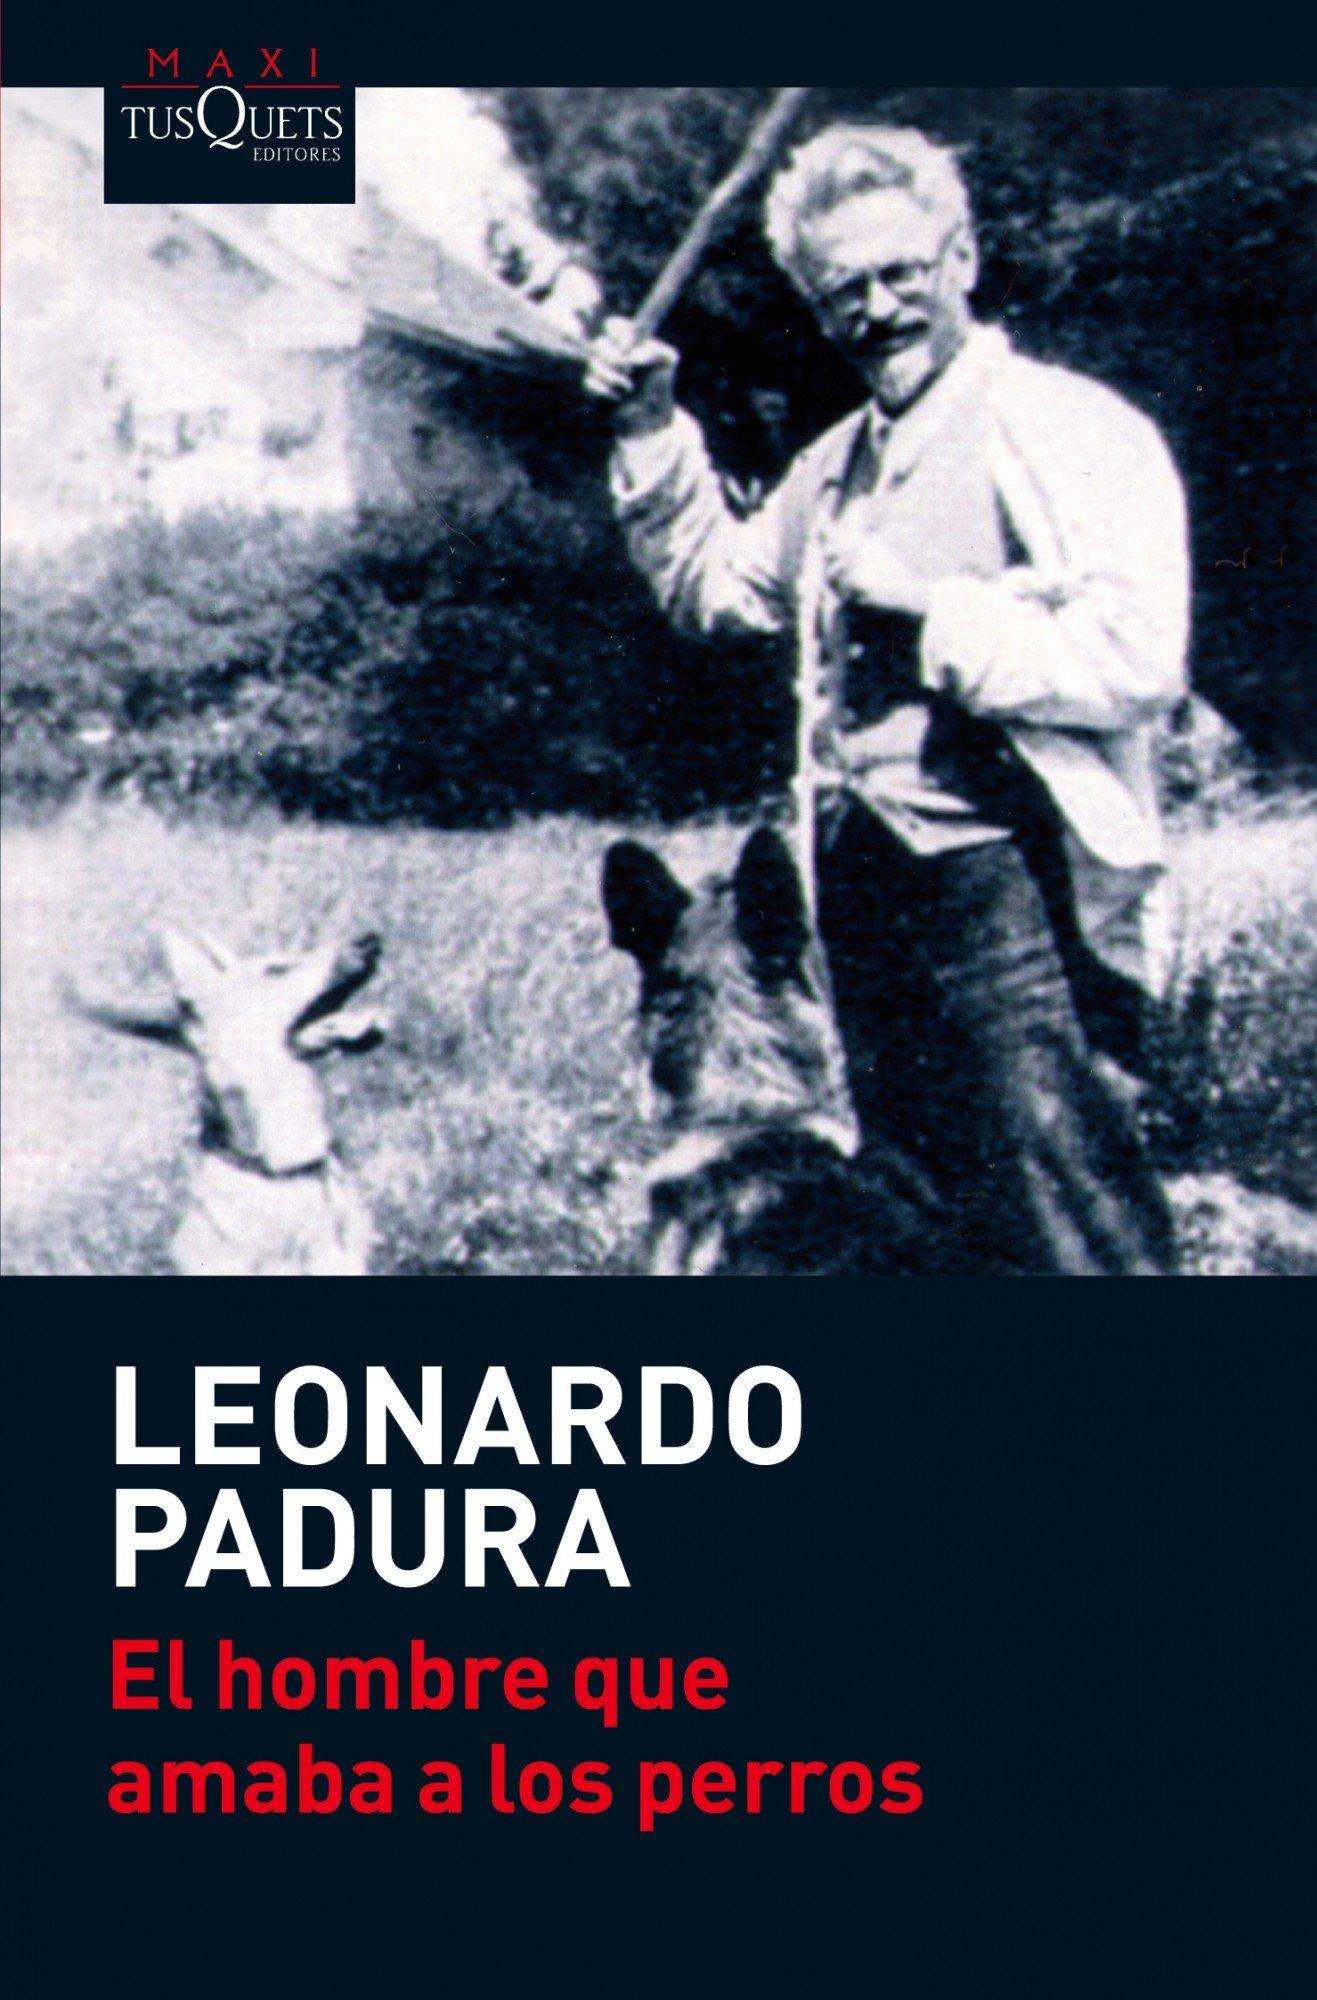 El Hombre Que Amaba A Los Perros (Anglais) Broché – 1 février 2011 LEONARDO PADURA Tusquets Editores 8483835770 Belletristik / Kriminalromane